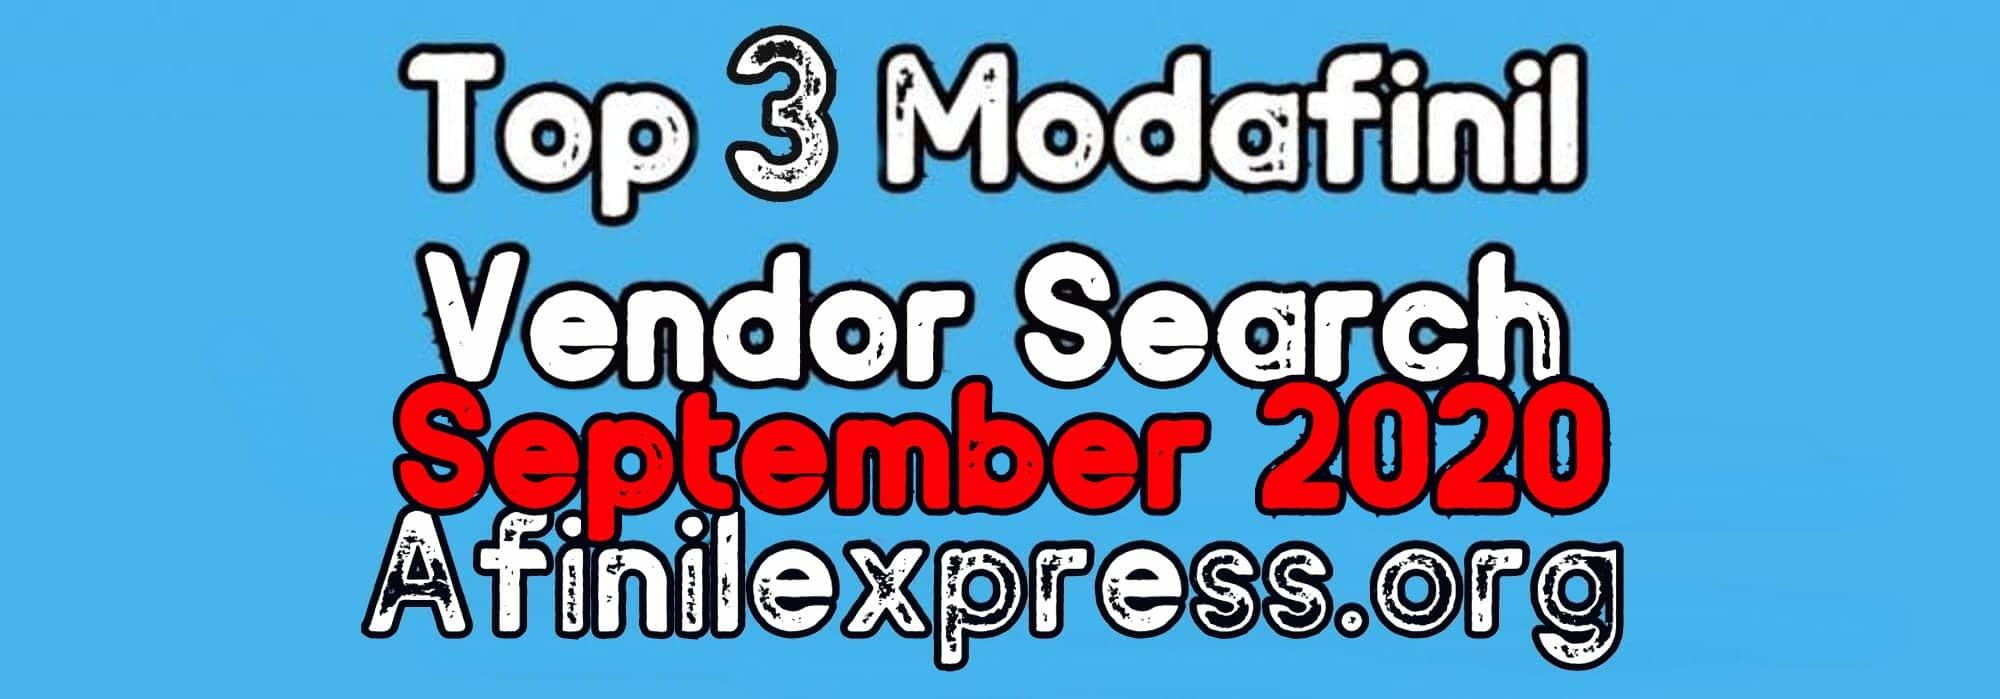 Top 3 Modafinil Vendors September 2020